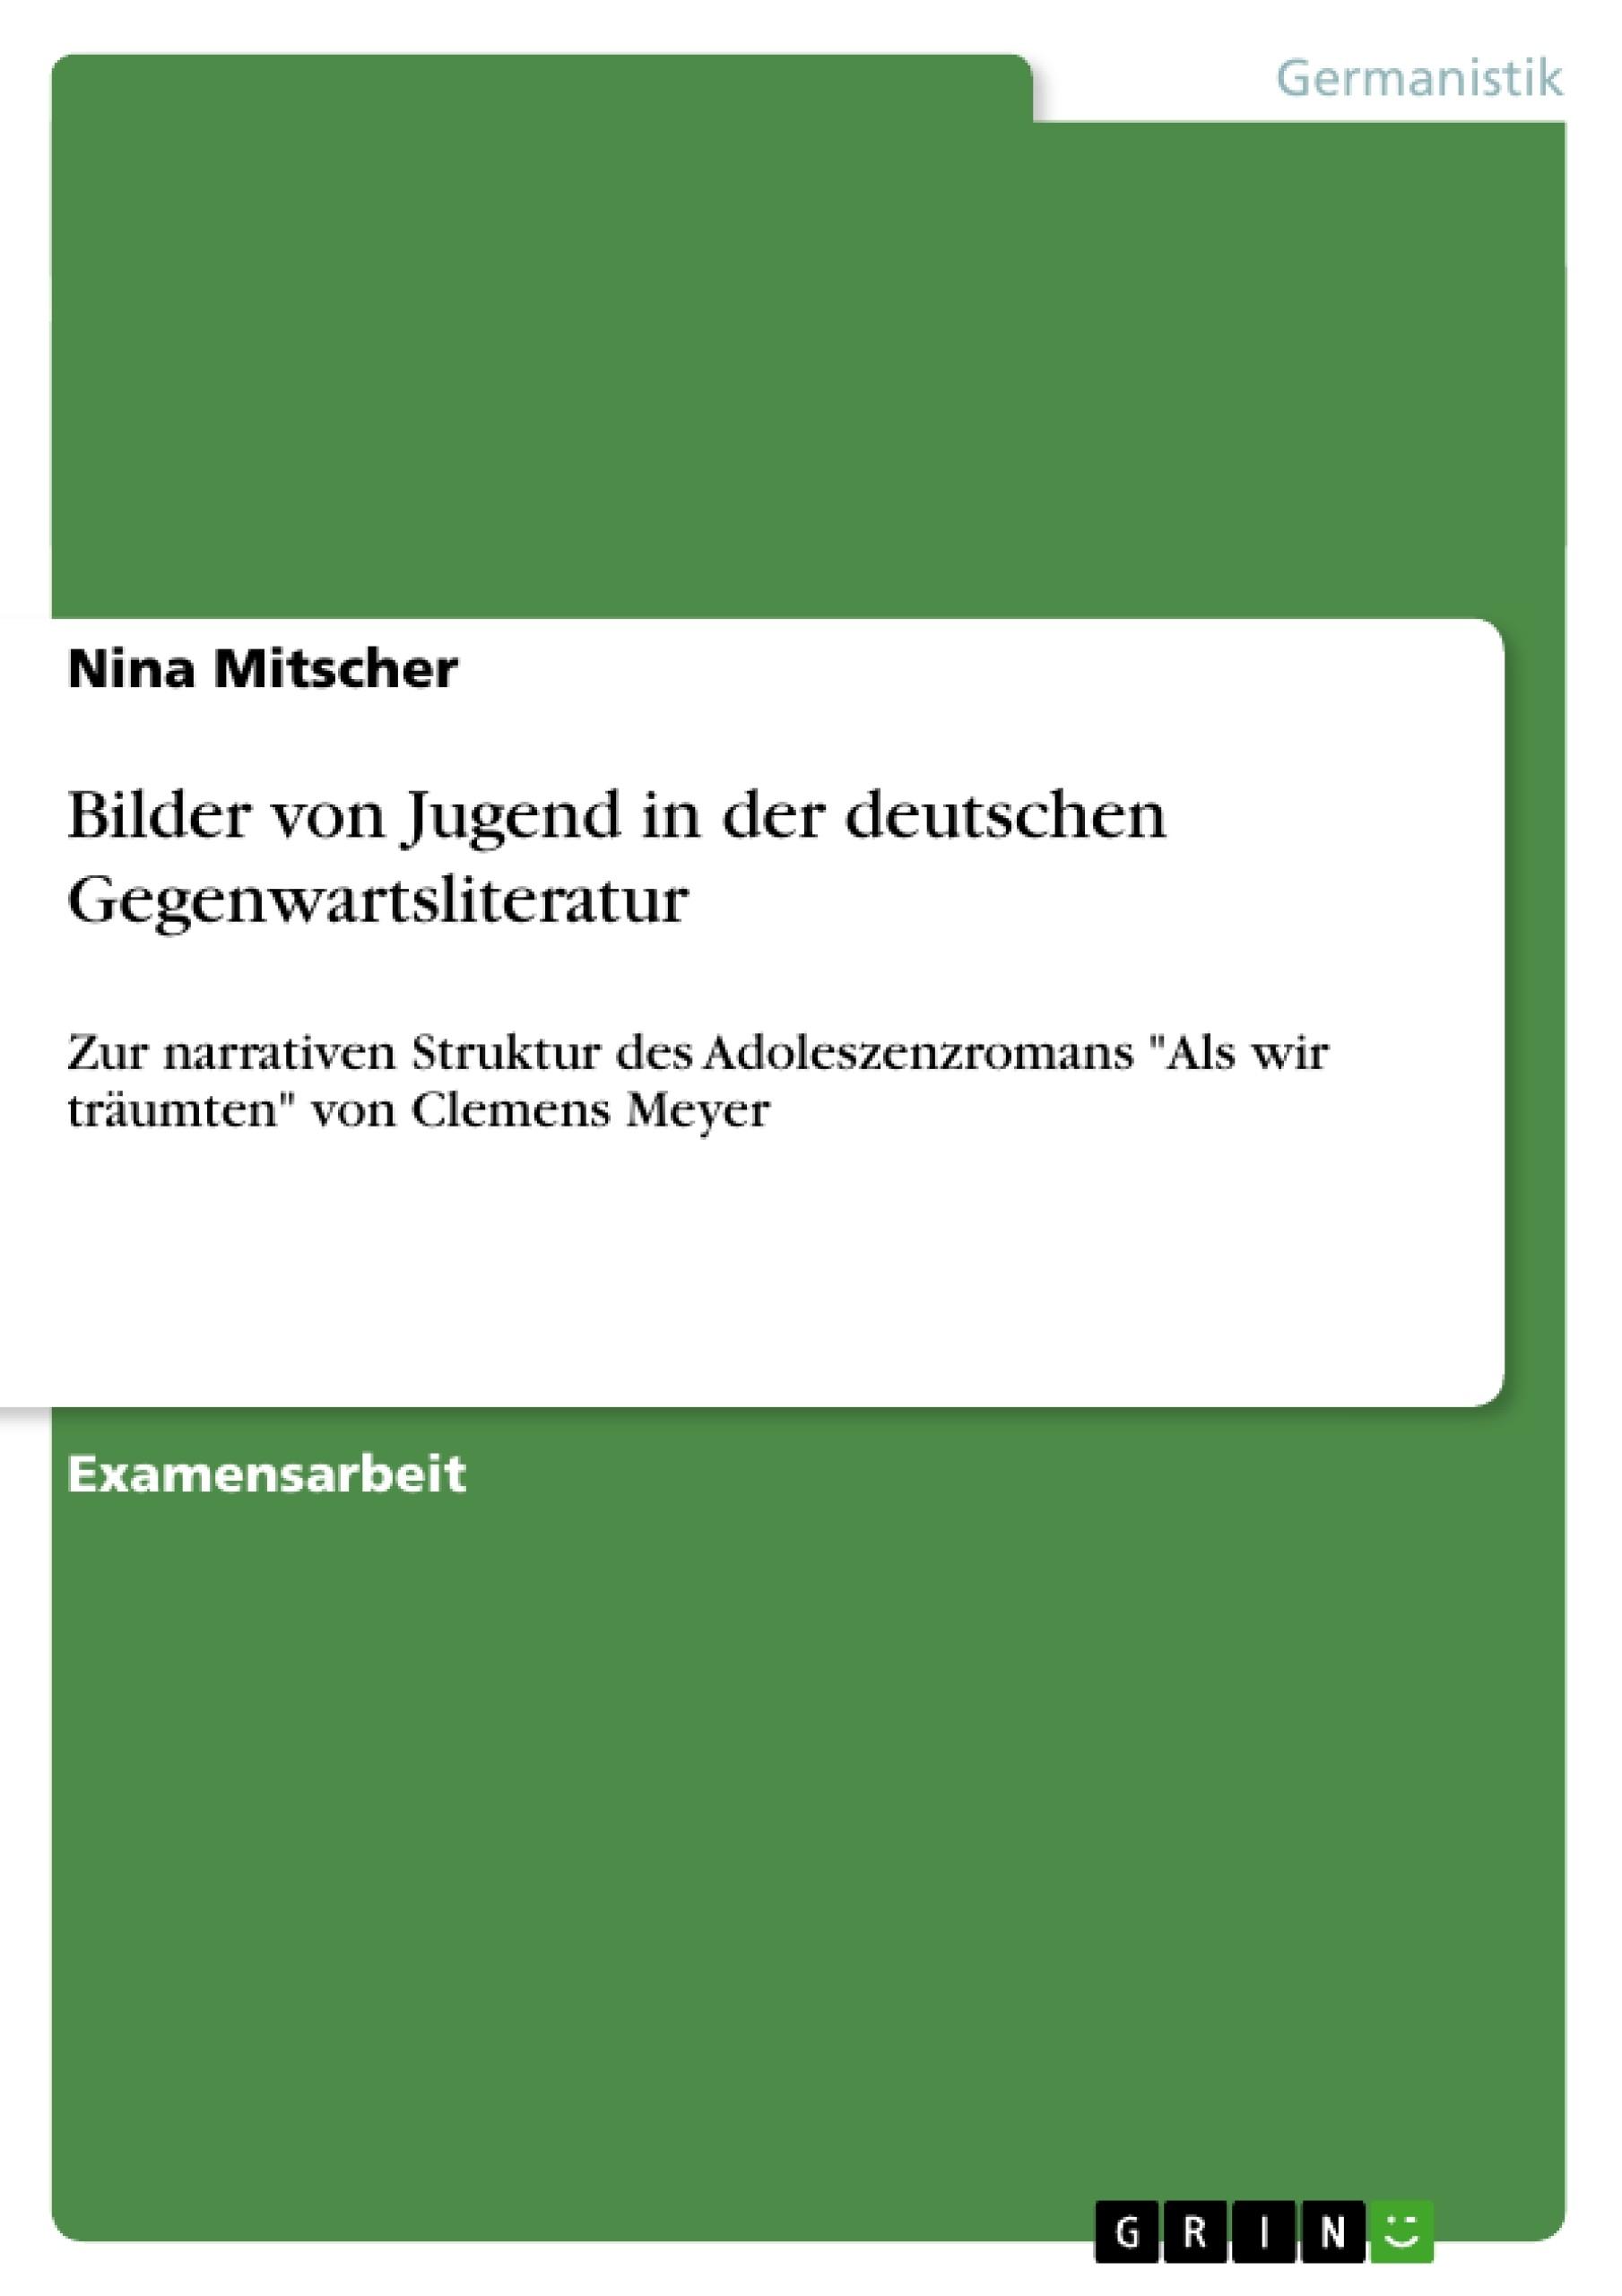 Bilder von Jugend in der deutschen Gegenwartsliteratur ...